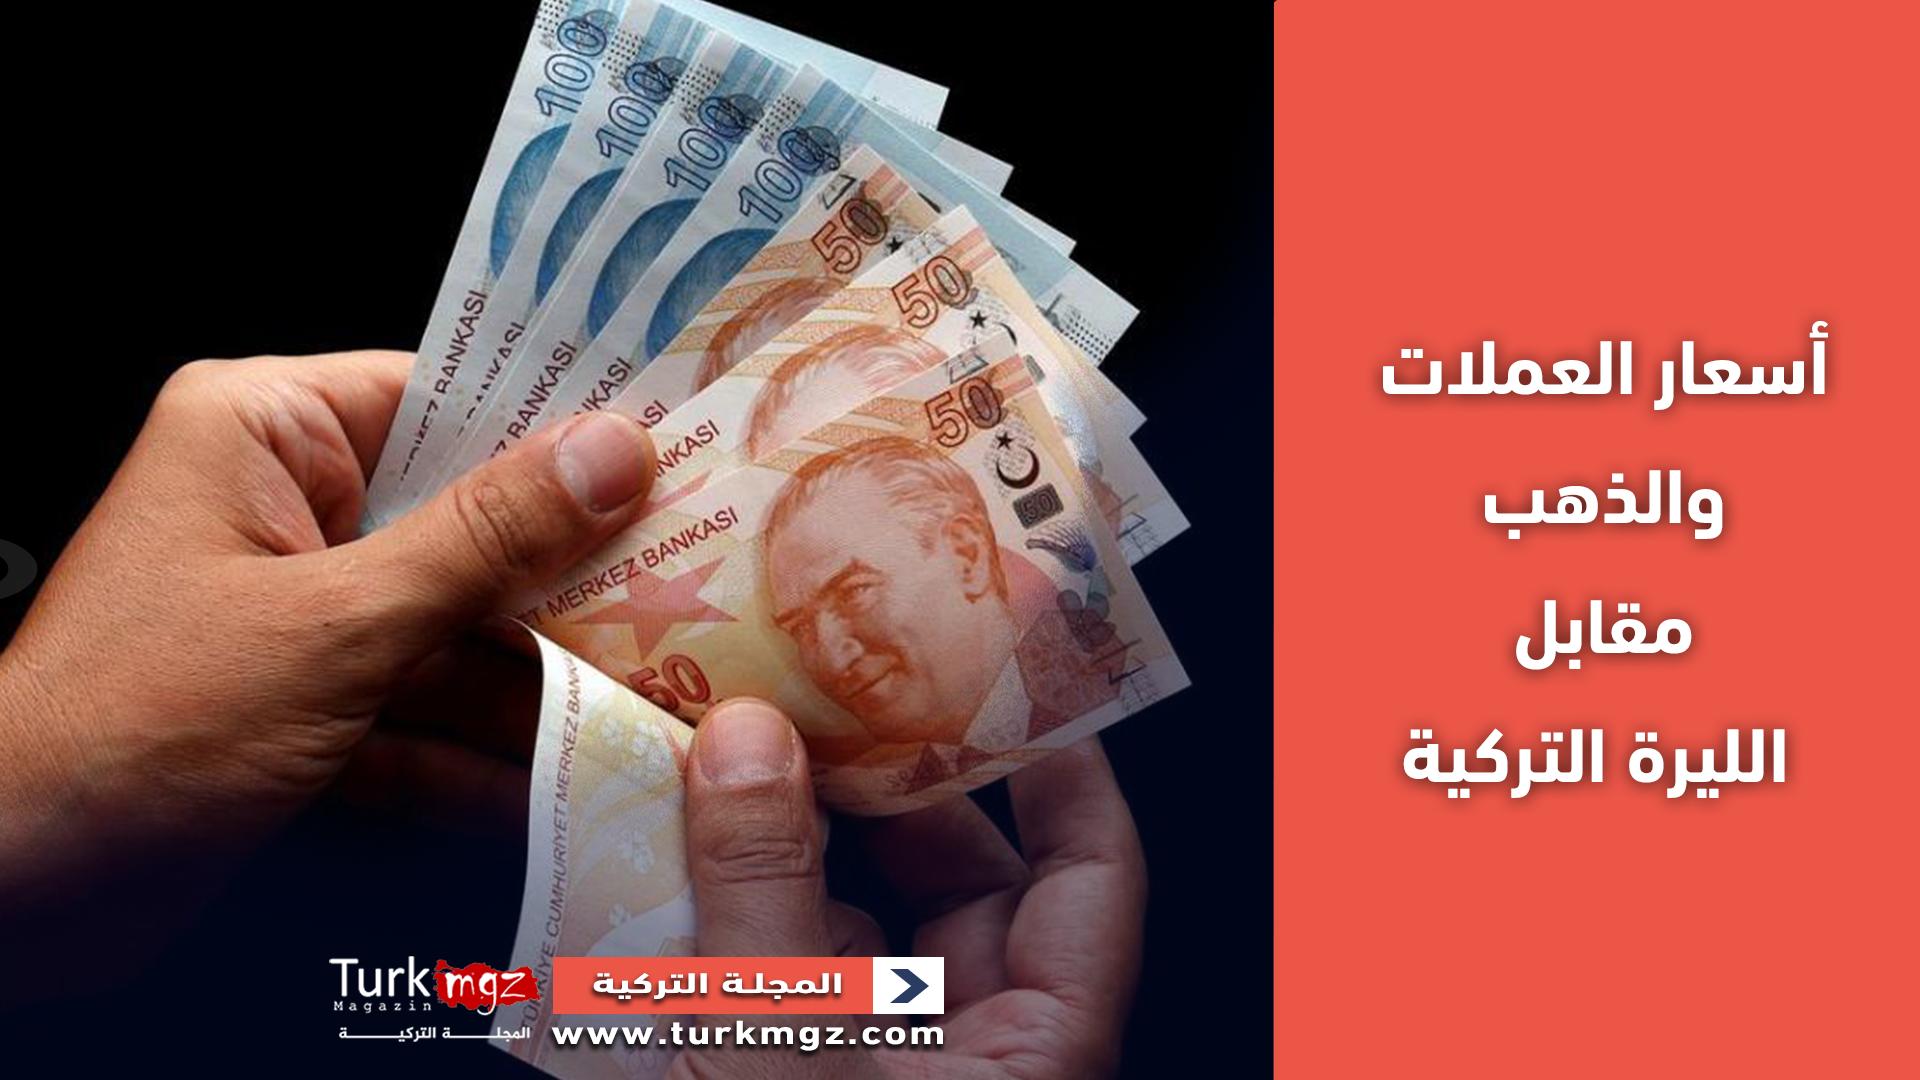 أسعار العملات الأجنبية والذهب مقابل الليرة التركية الان